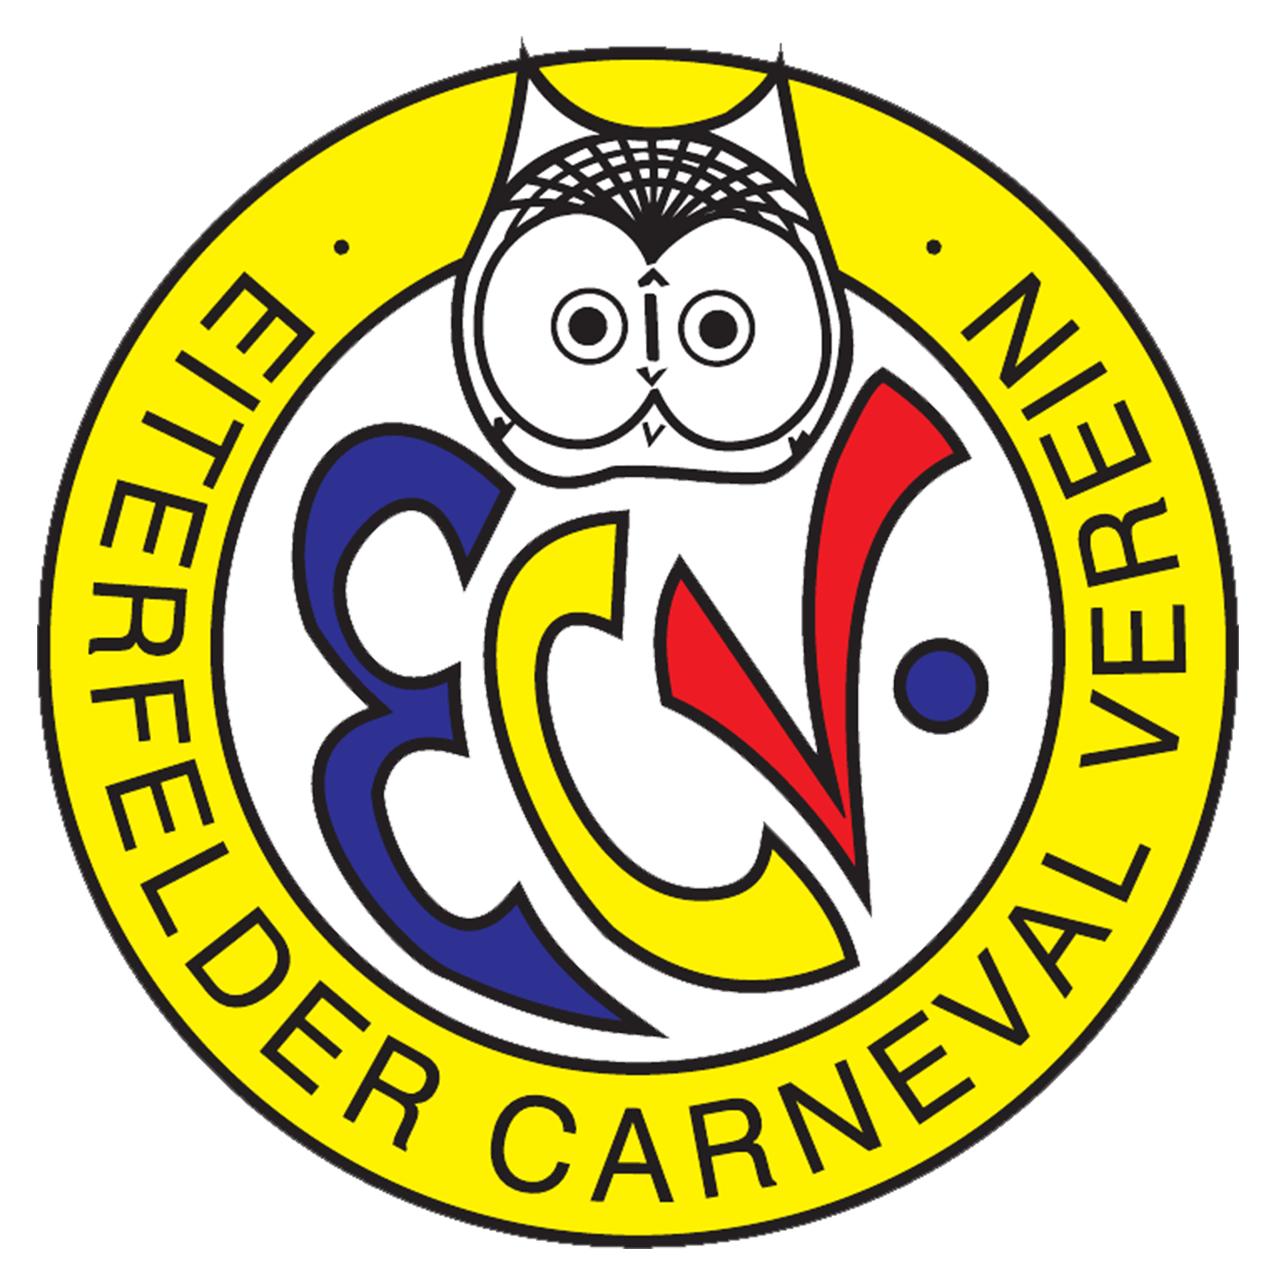 ECV-Eiterfeld